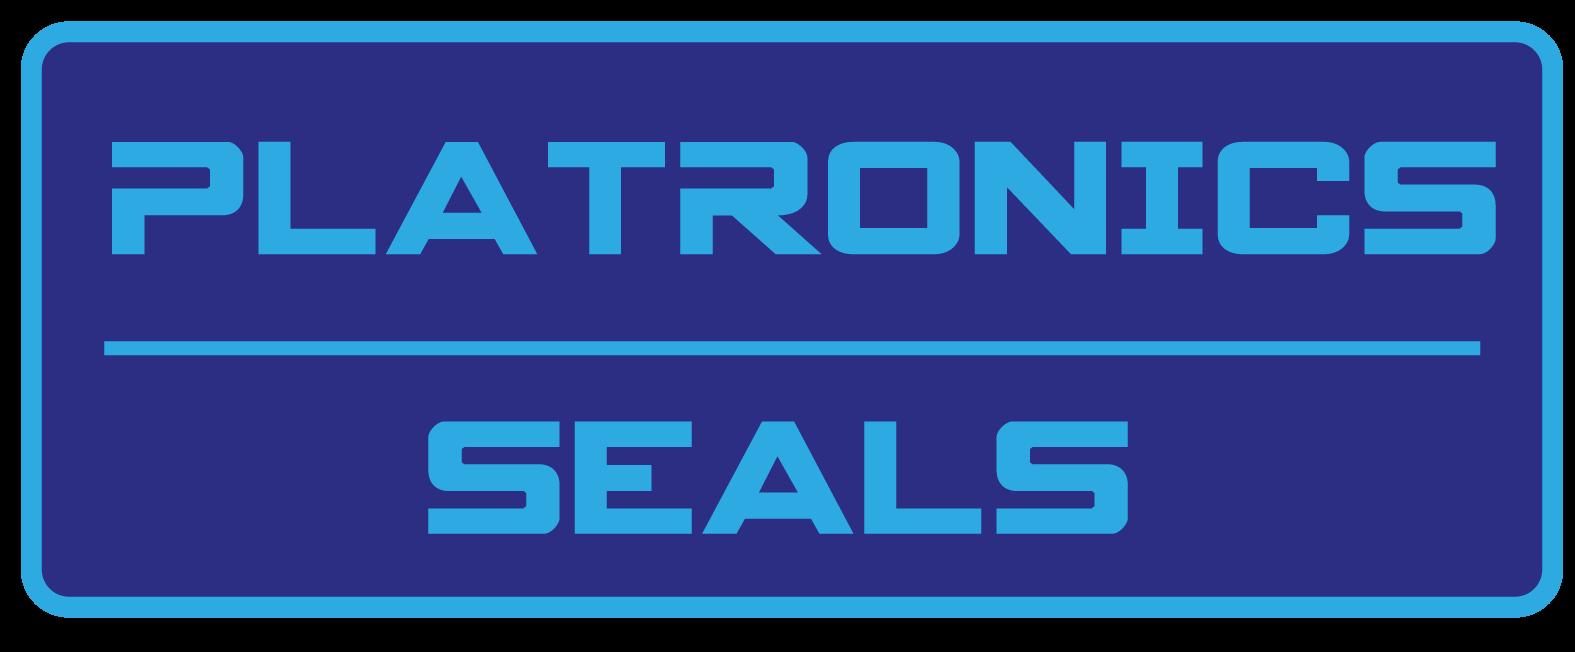 Platronics Seals